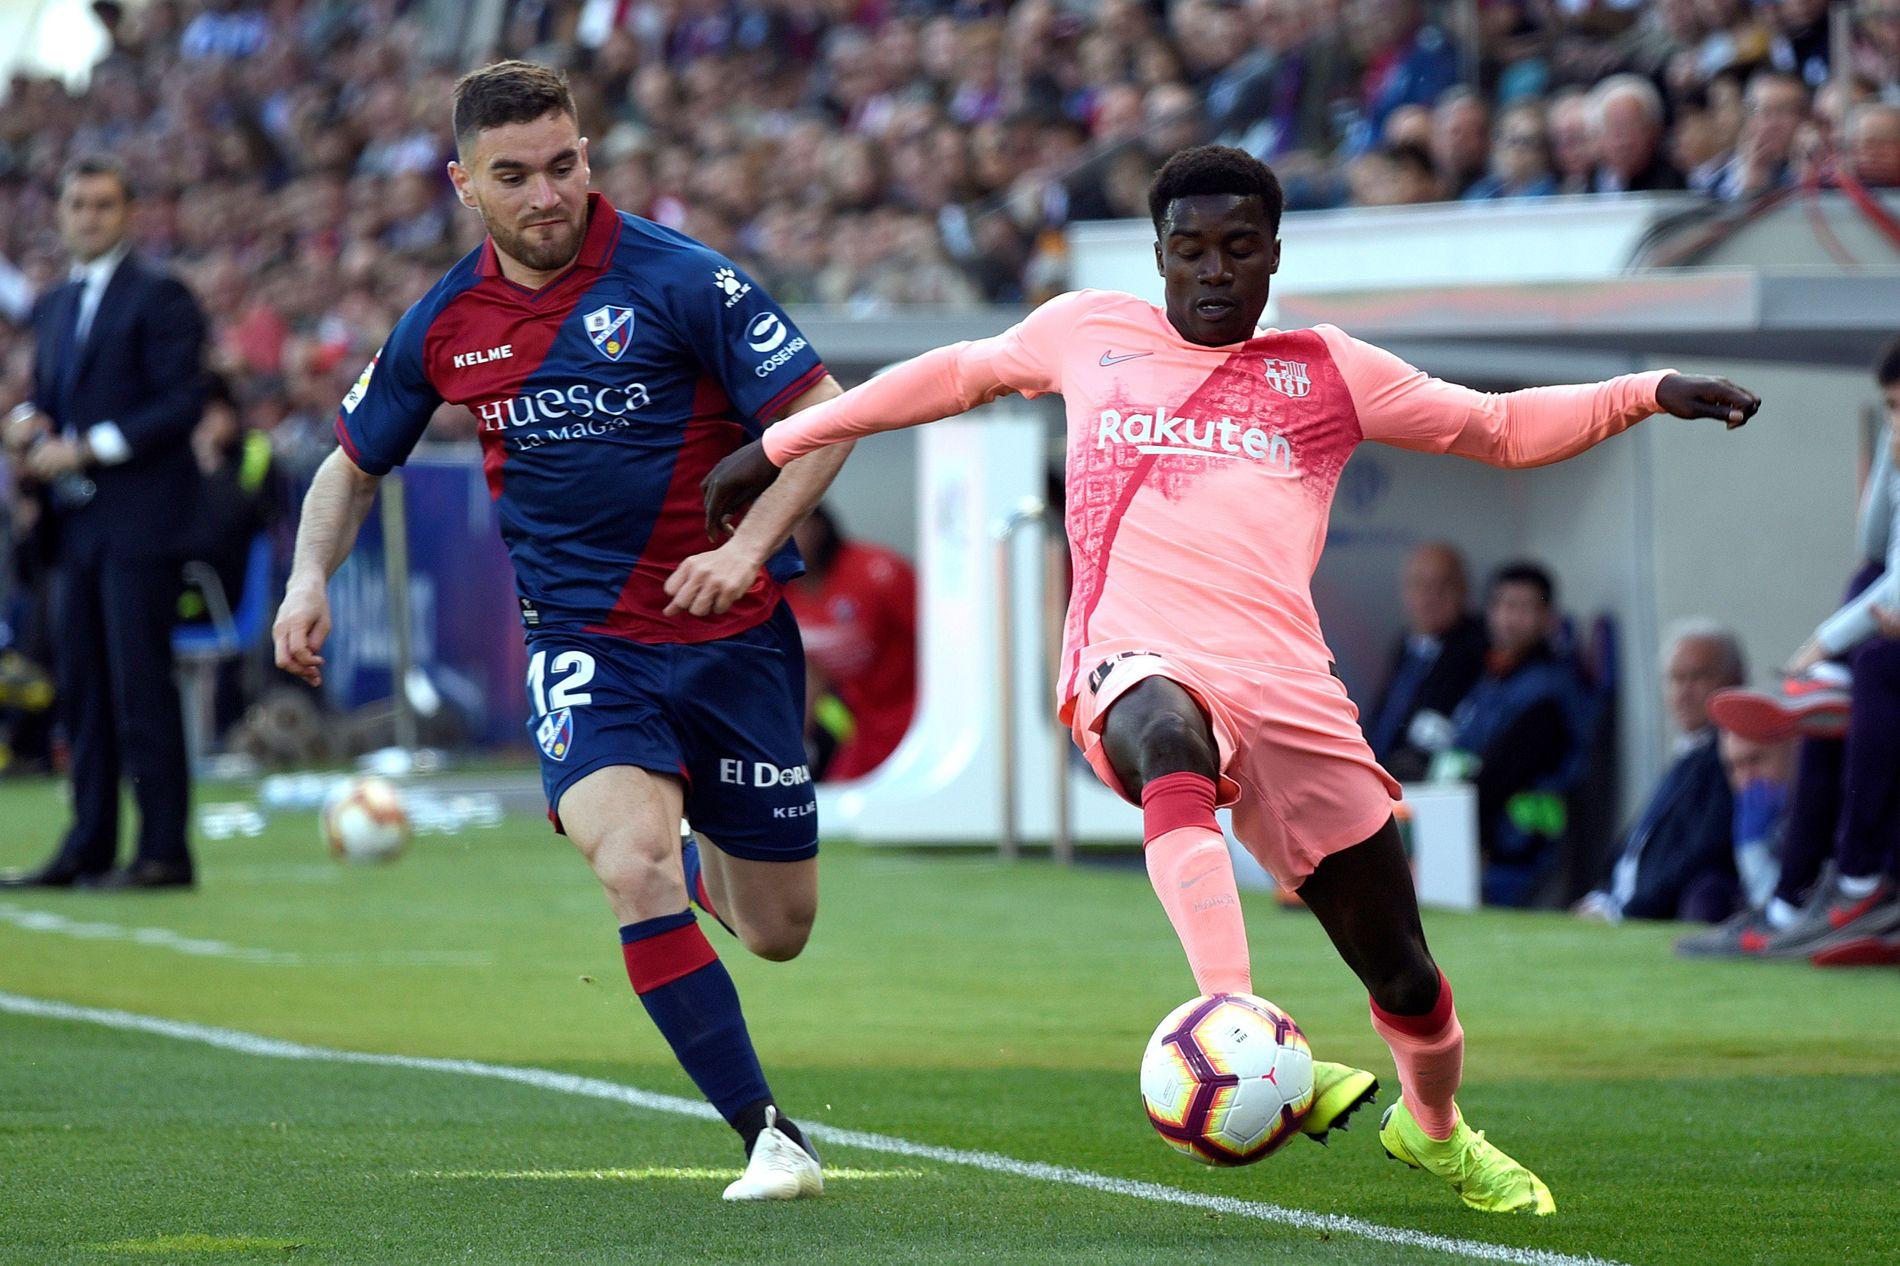 HØYREBACK: Moussa Wagué (t.h.) fikk tre La Liga-kamper for Barcelona forrige sesong. Her mot Huesca og Javier Galan den 13. april i år.